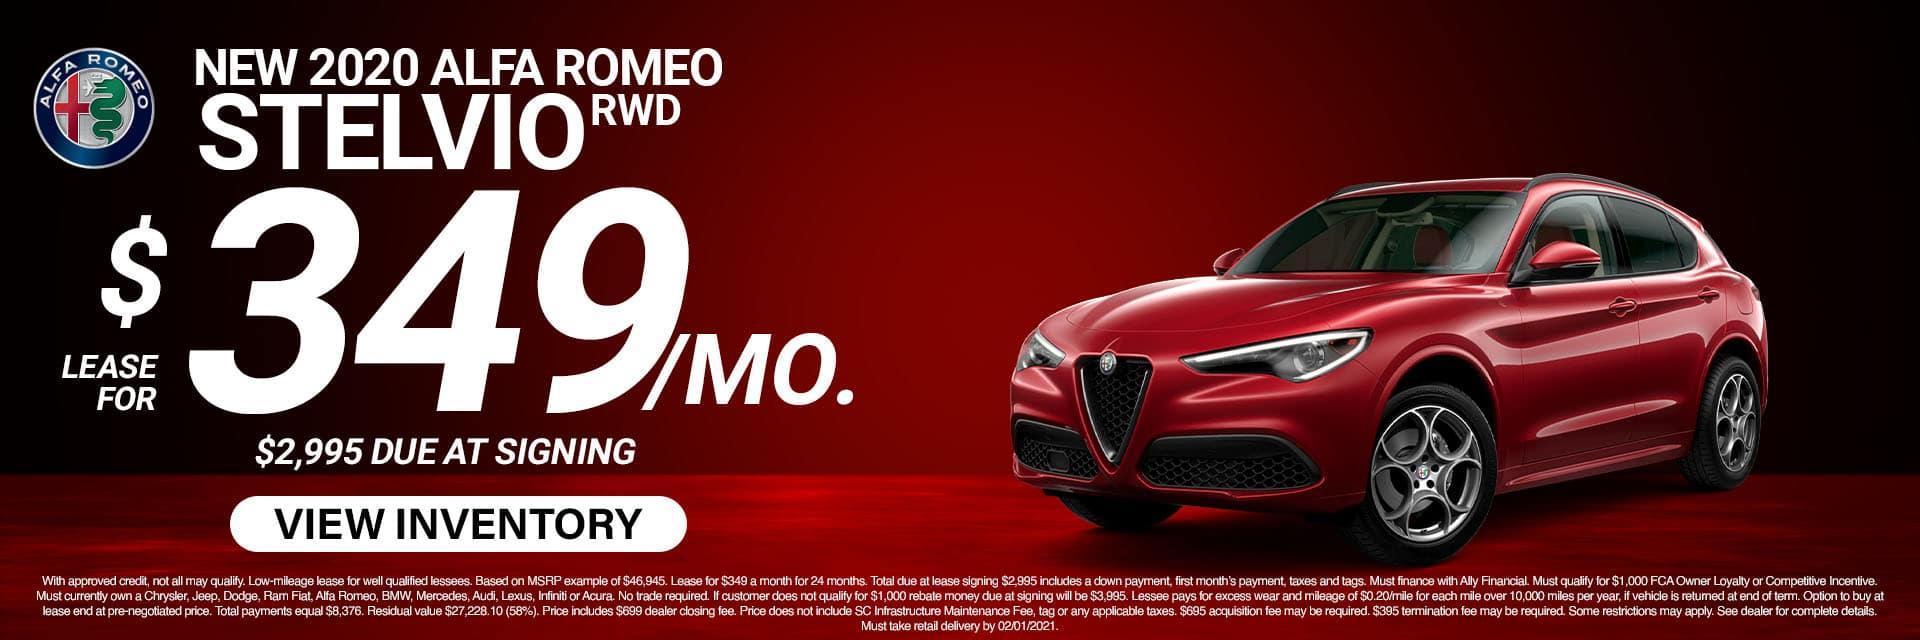 SLAR-January 20212020 Alfa Romeo Stelvio